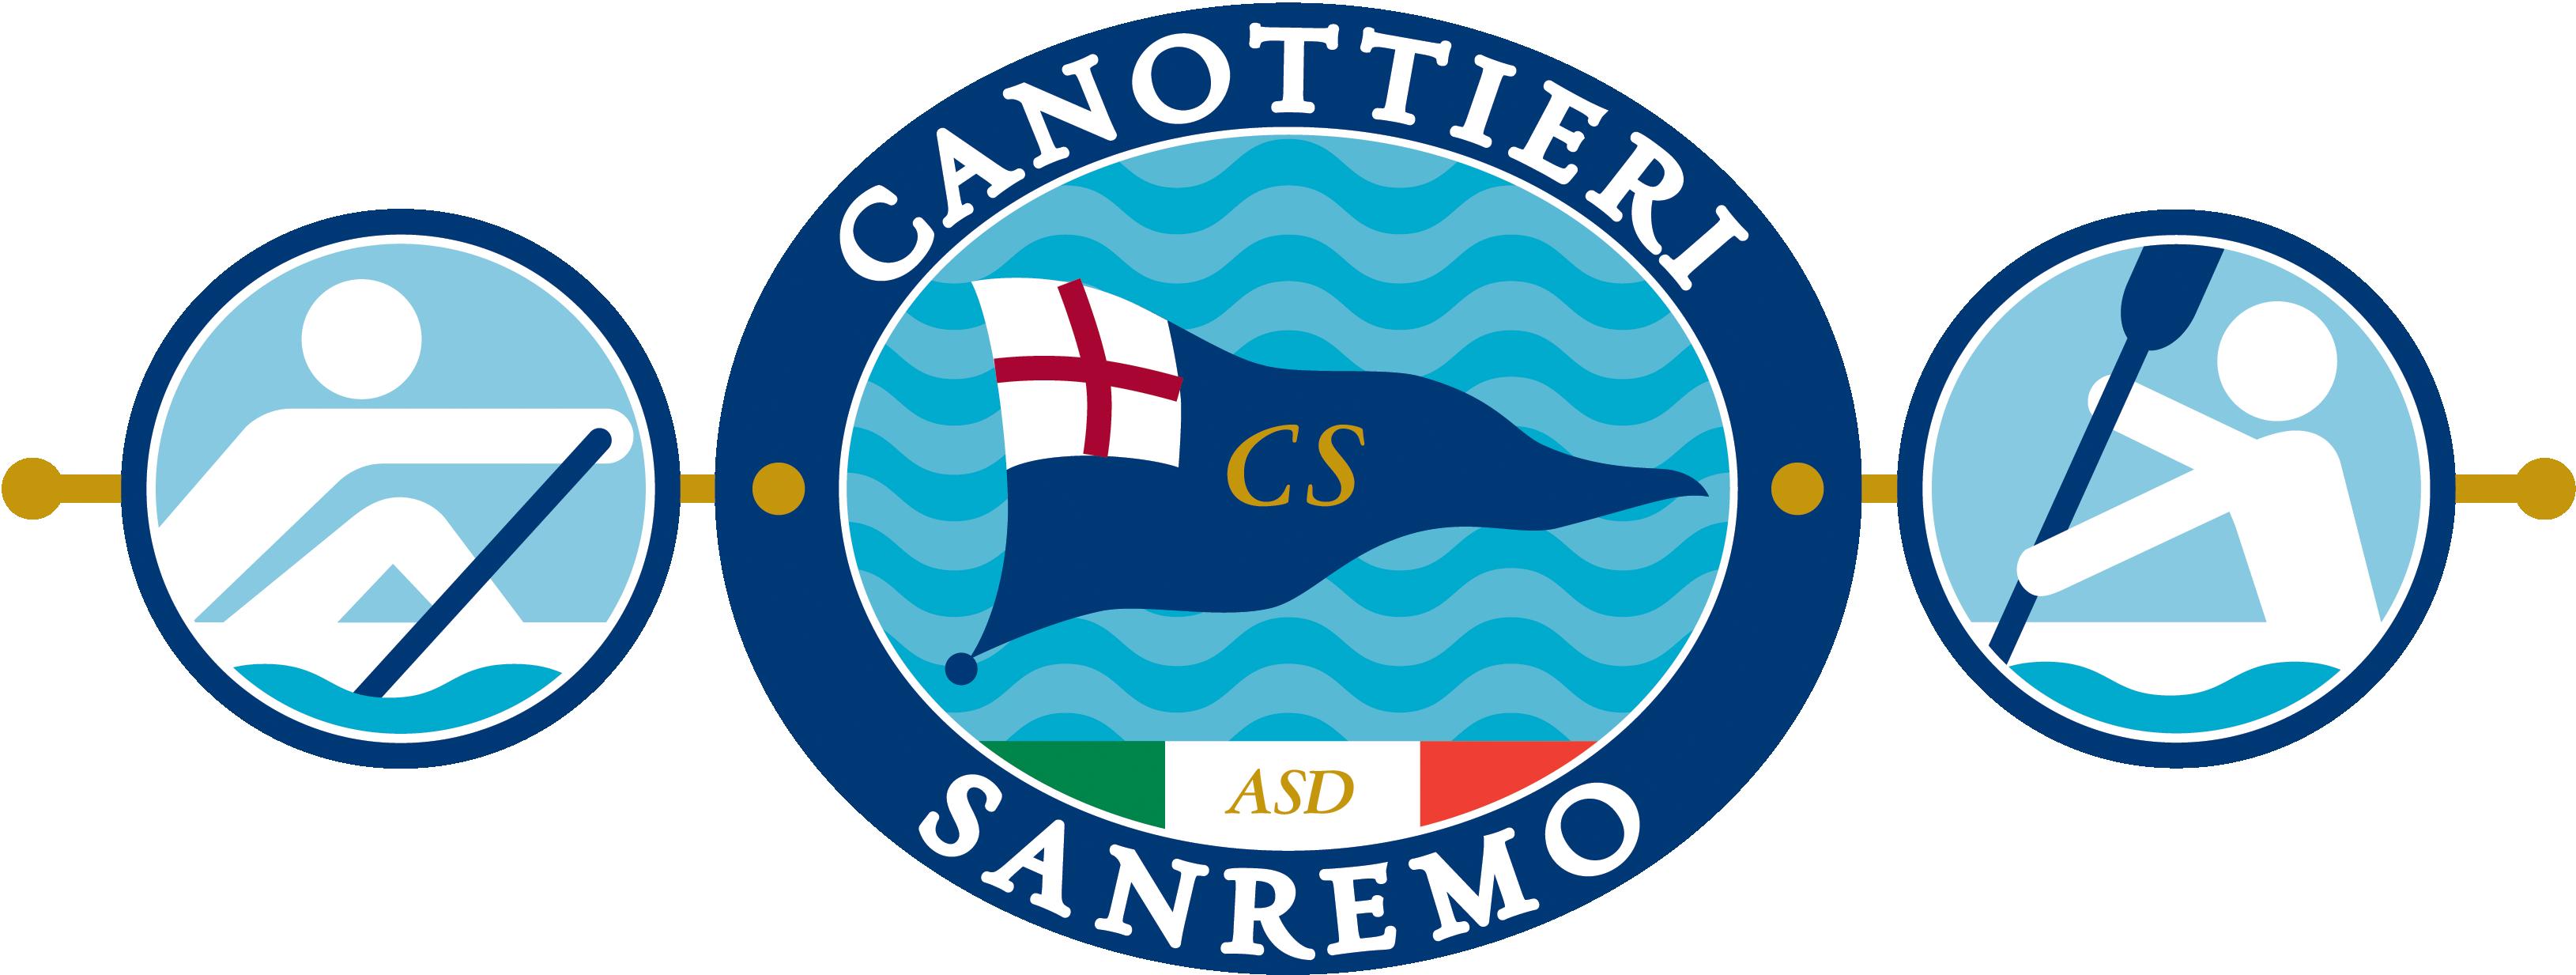 Canottieri Sanremo